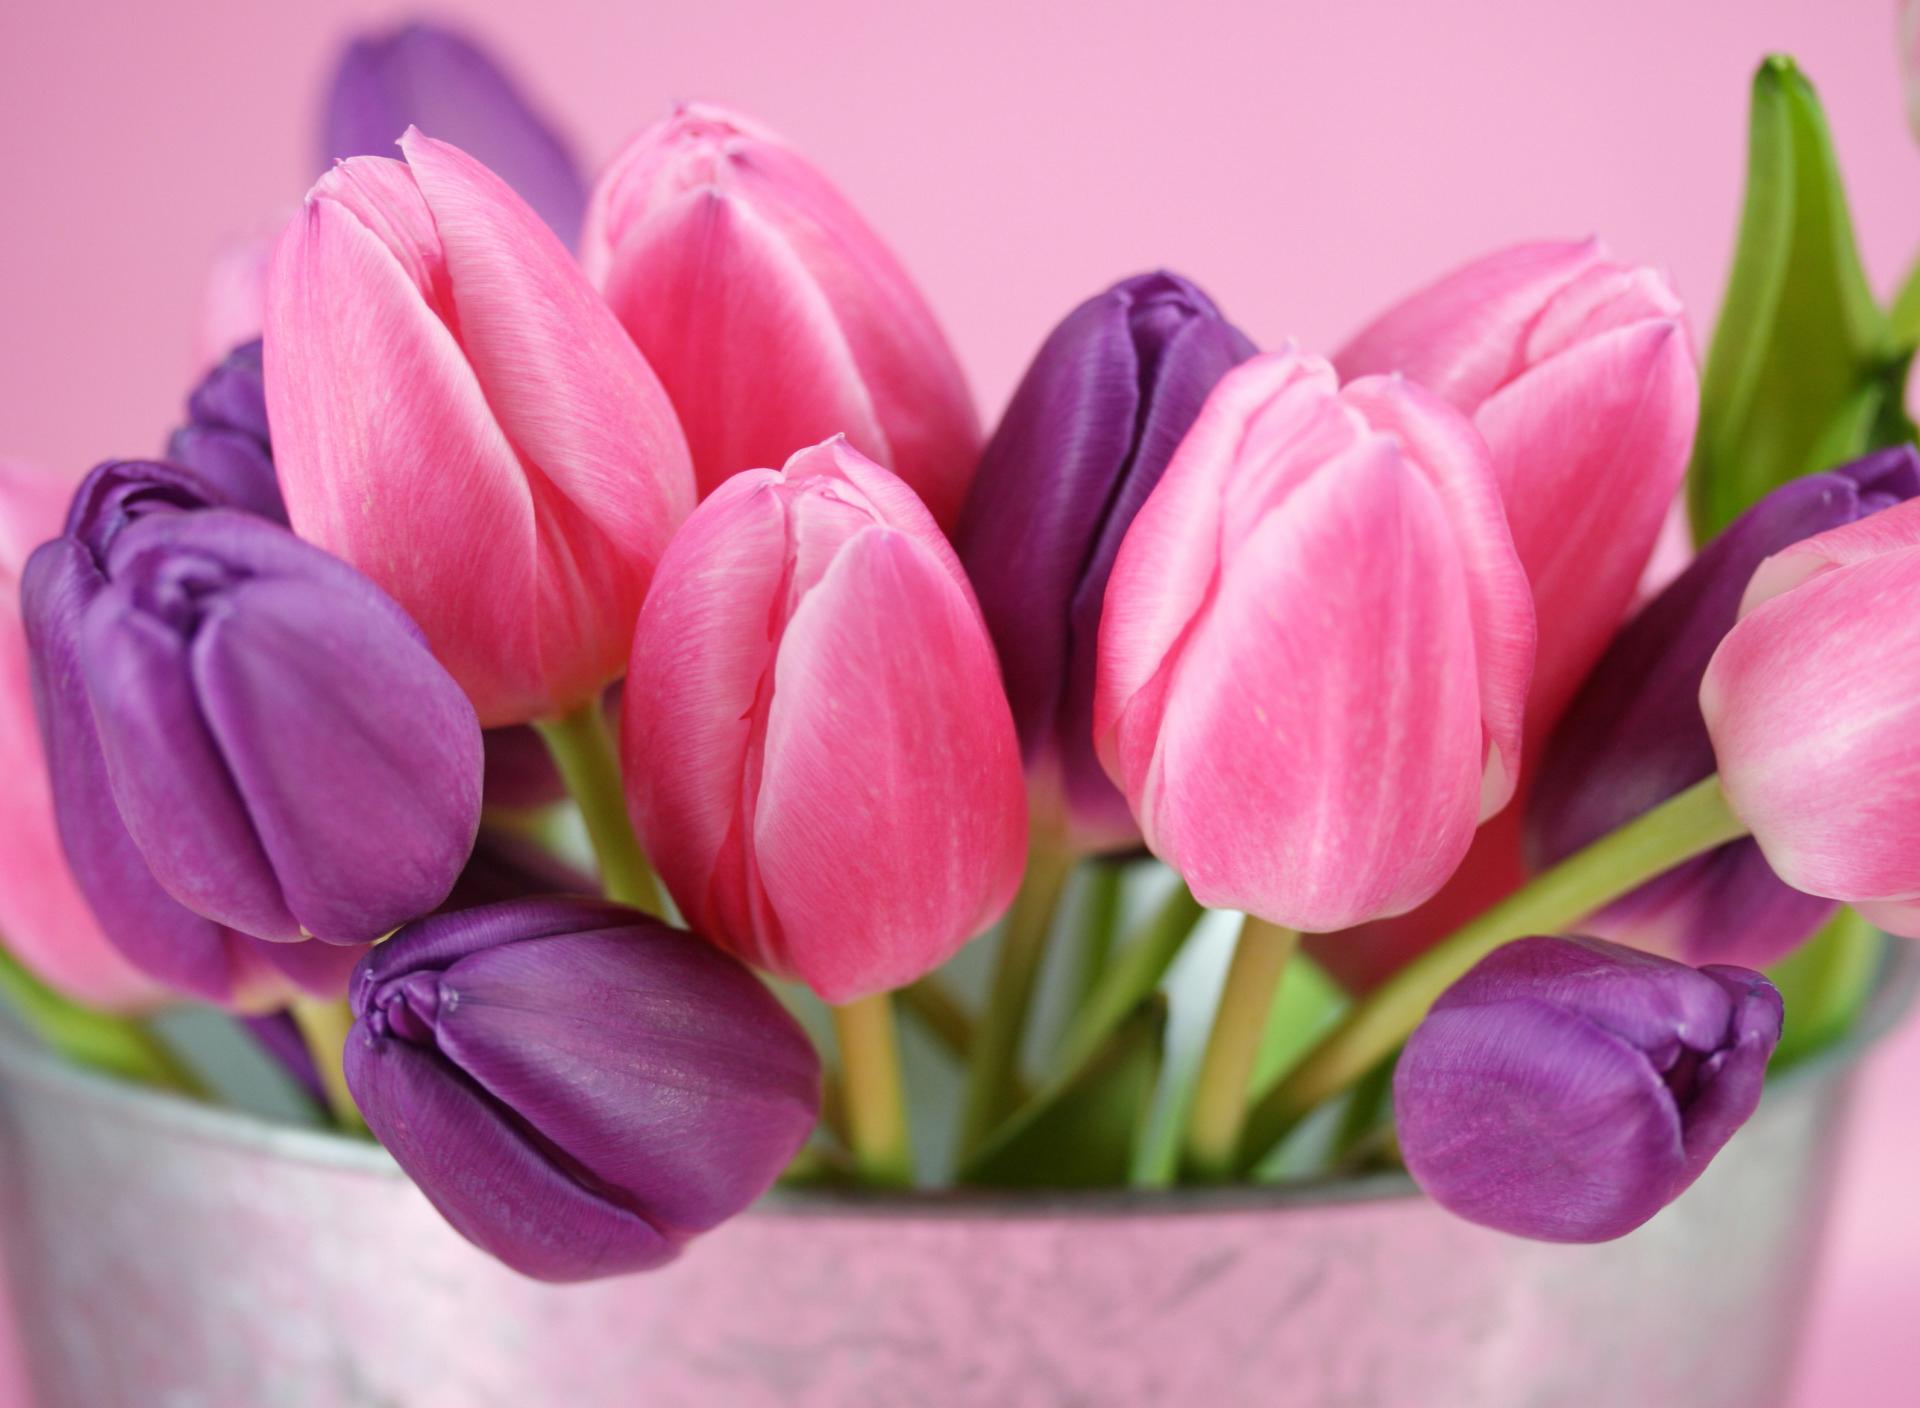 tulip-photo-167